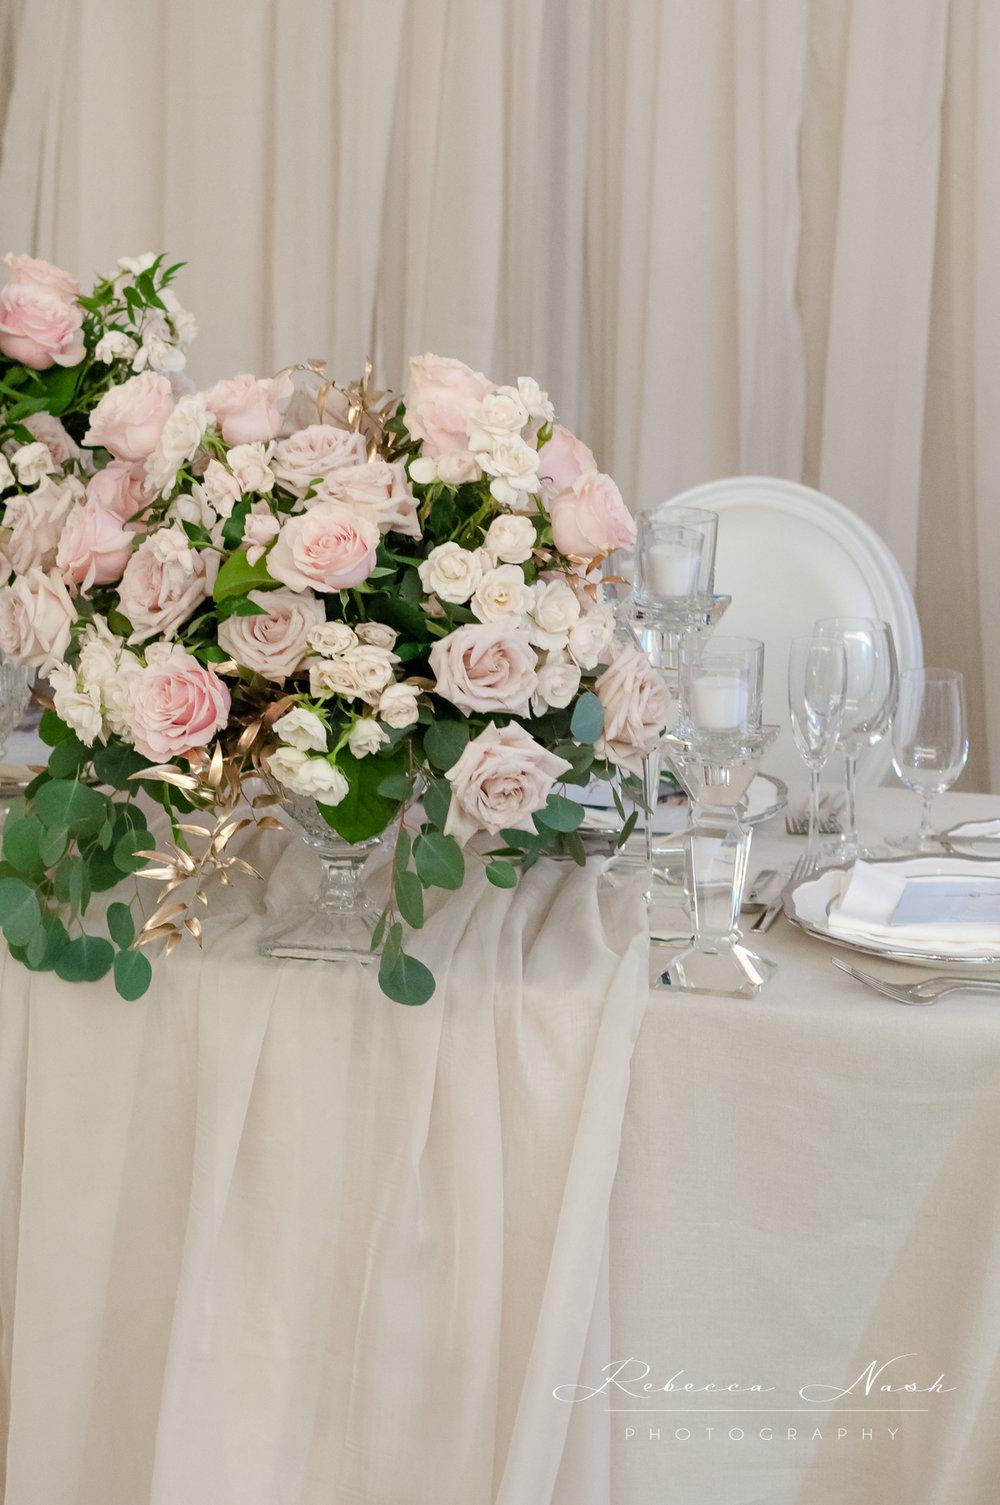 Wedluxe Industry Night - London Wedding Photographer  Rebecca Nash Photography (65 of 79).jpg